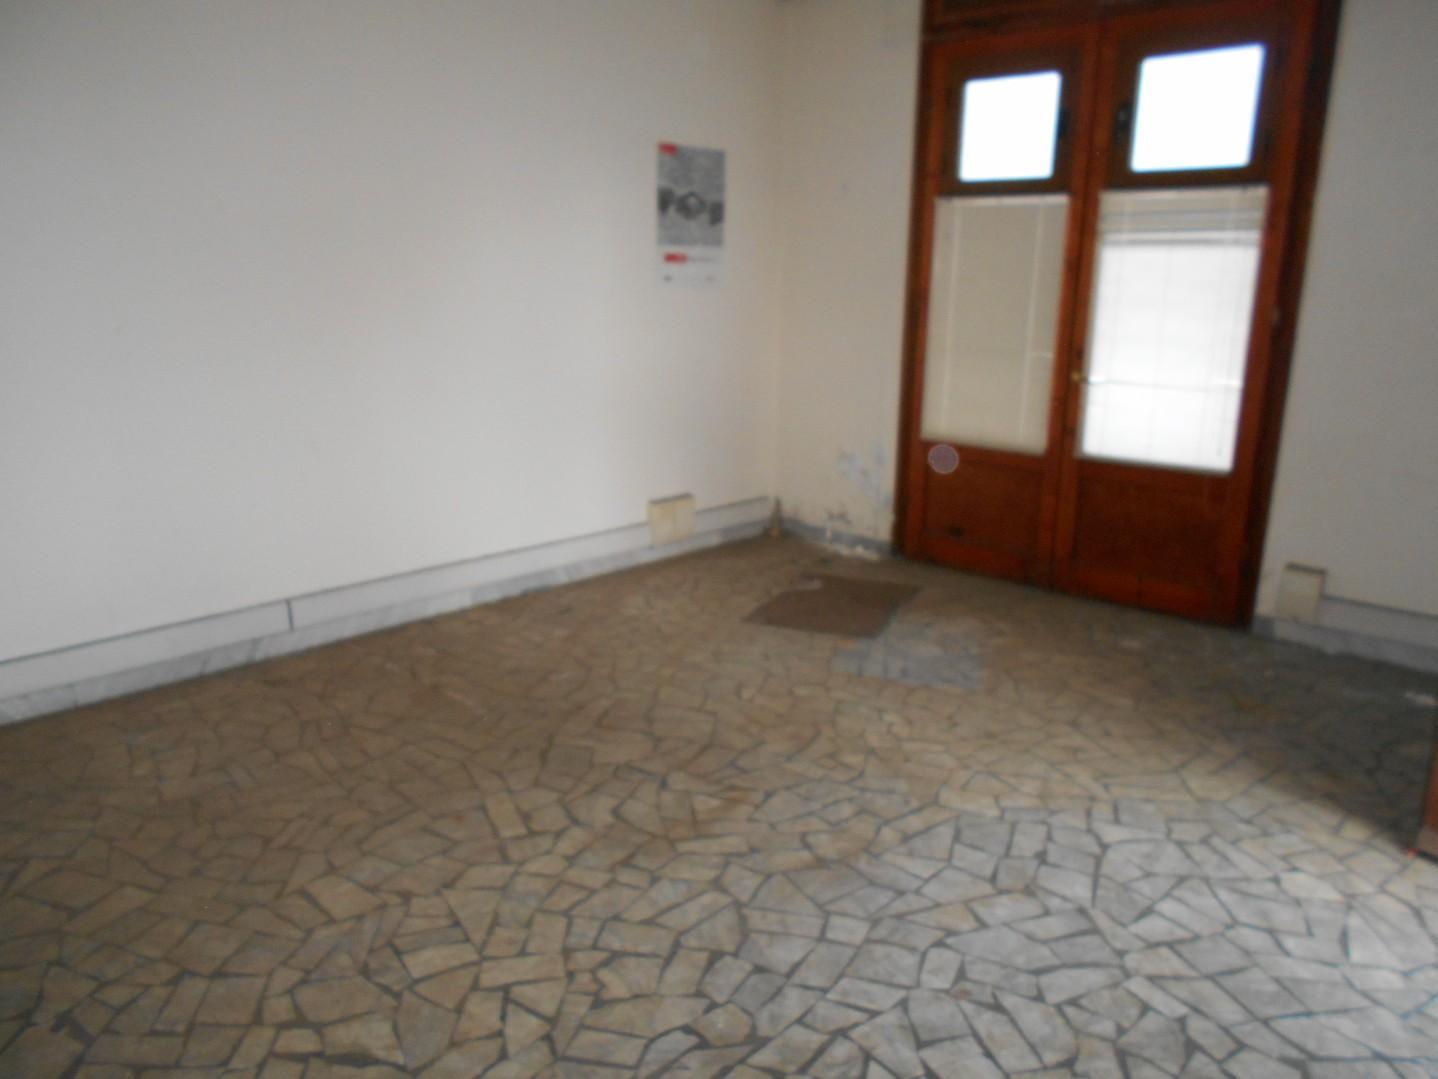 FONDO COMMERCIALE in Affitto a Pisa (PISA)